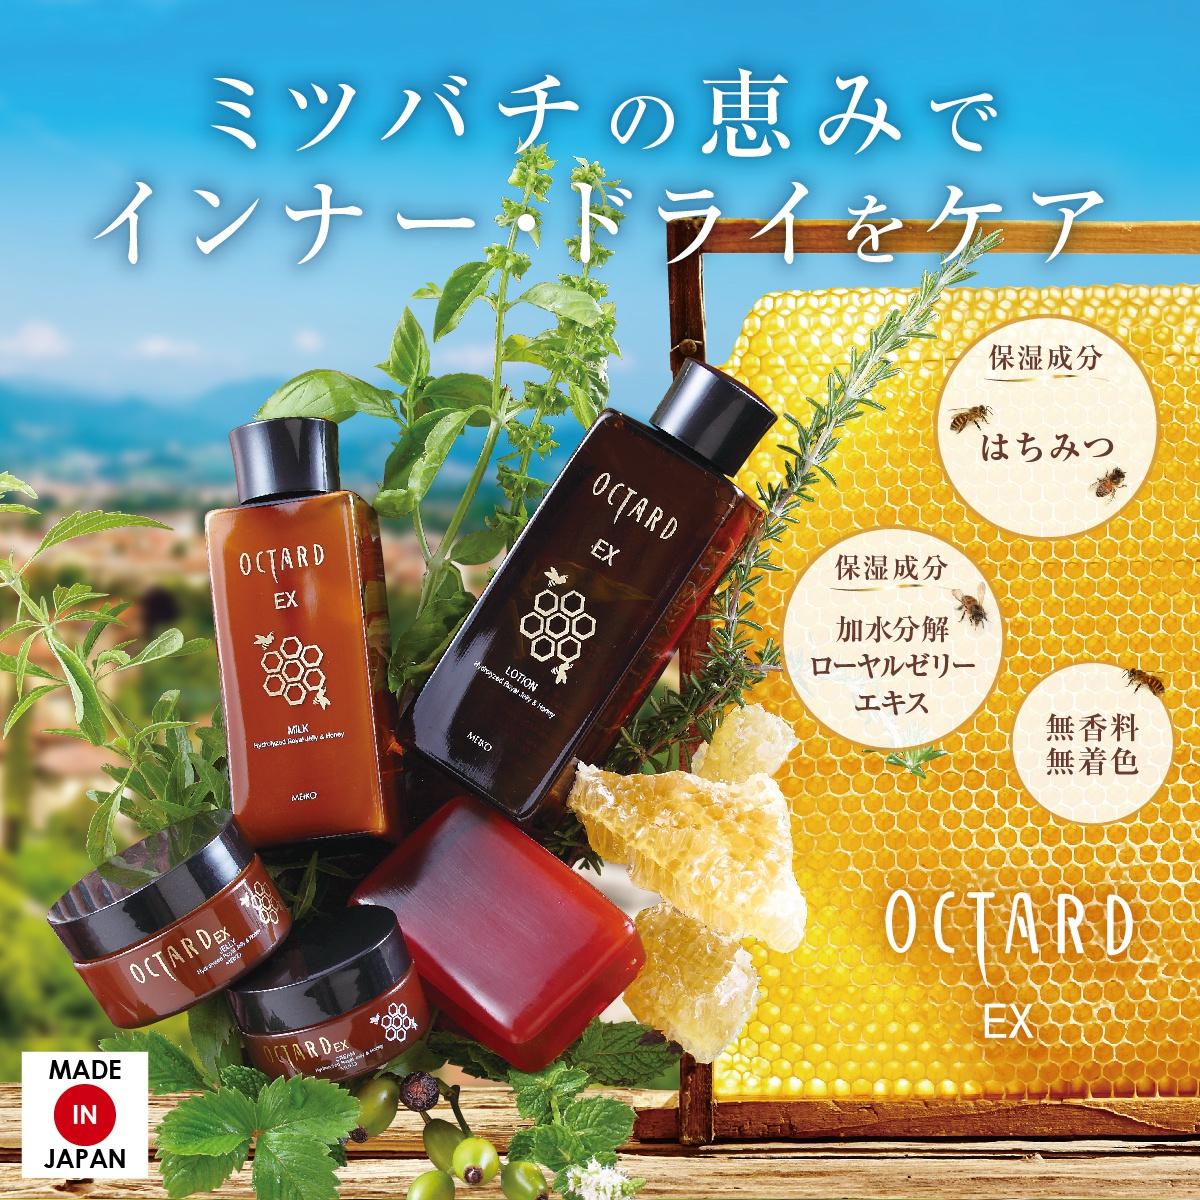 メイコー化粧品(MEIKO) オクタードEX サボンRHの商品画像2